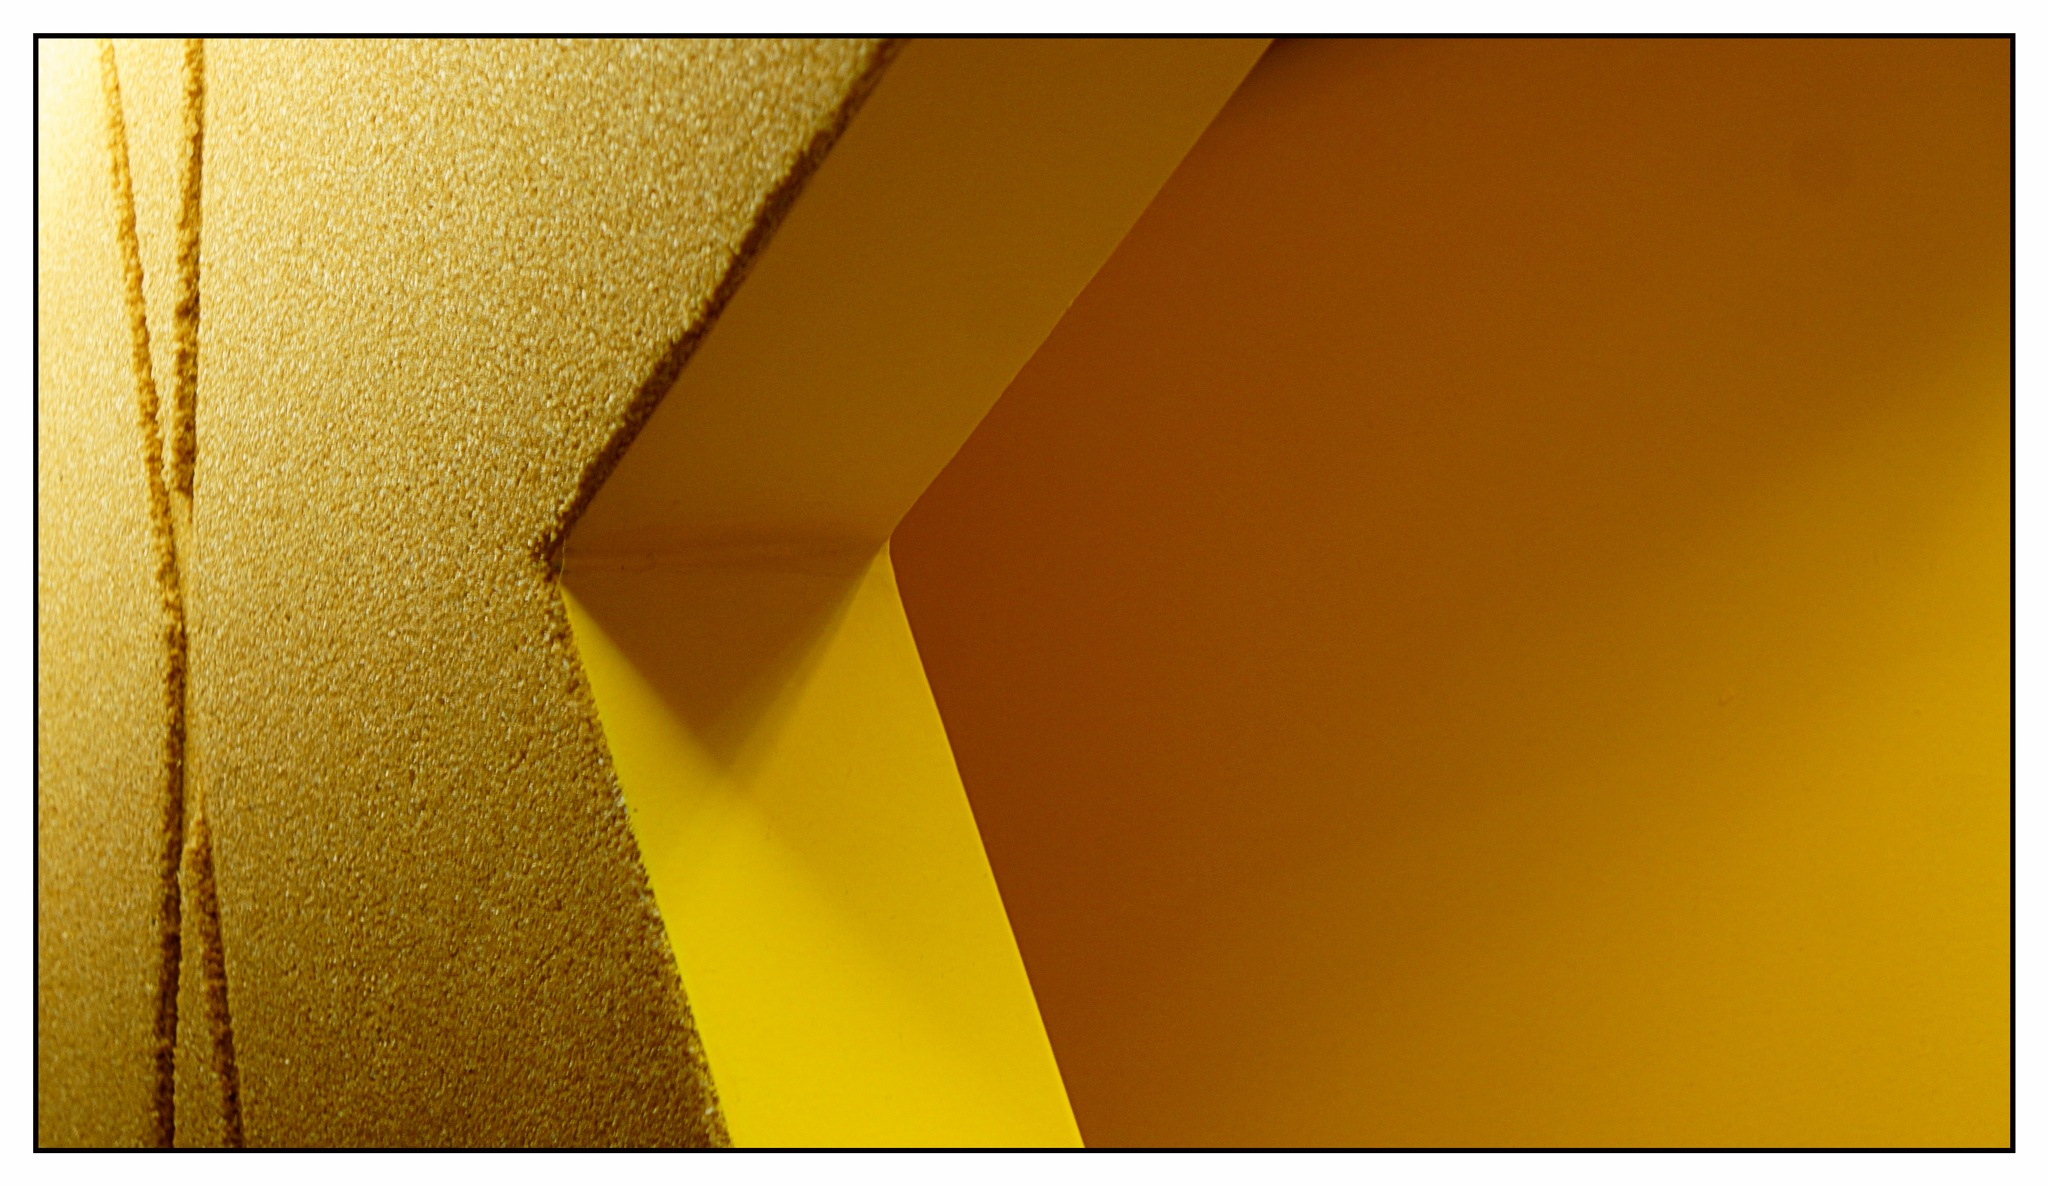 Amarelo by José Evaldo Suassuna de Oliveira